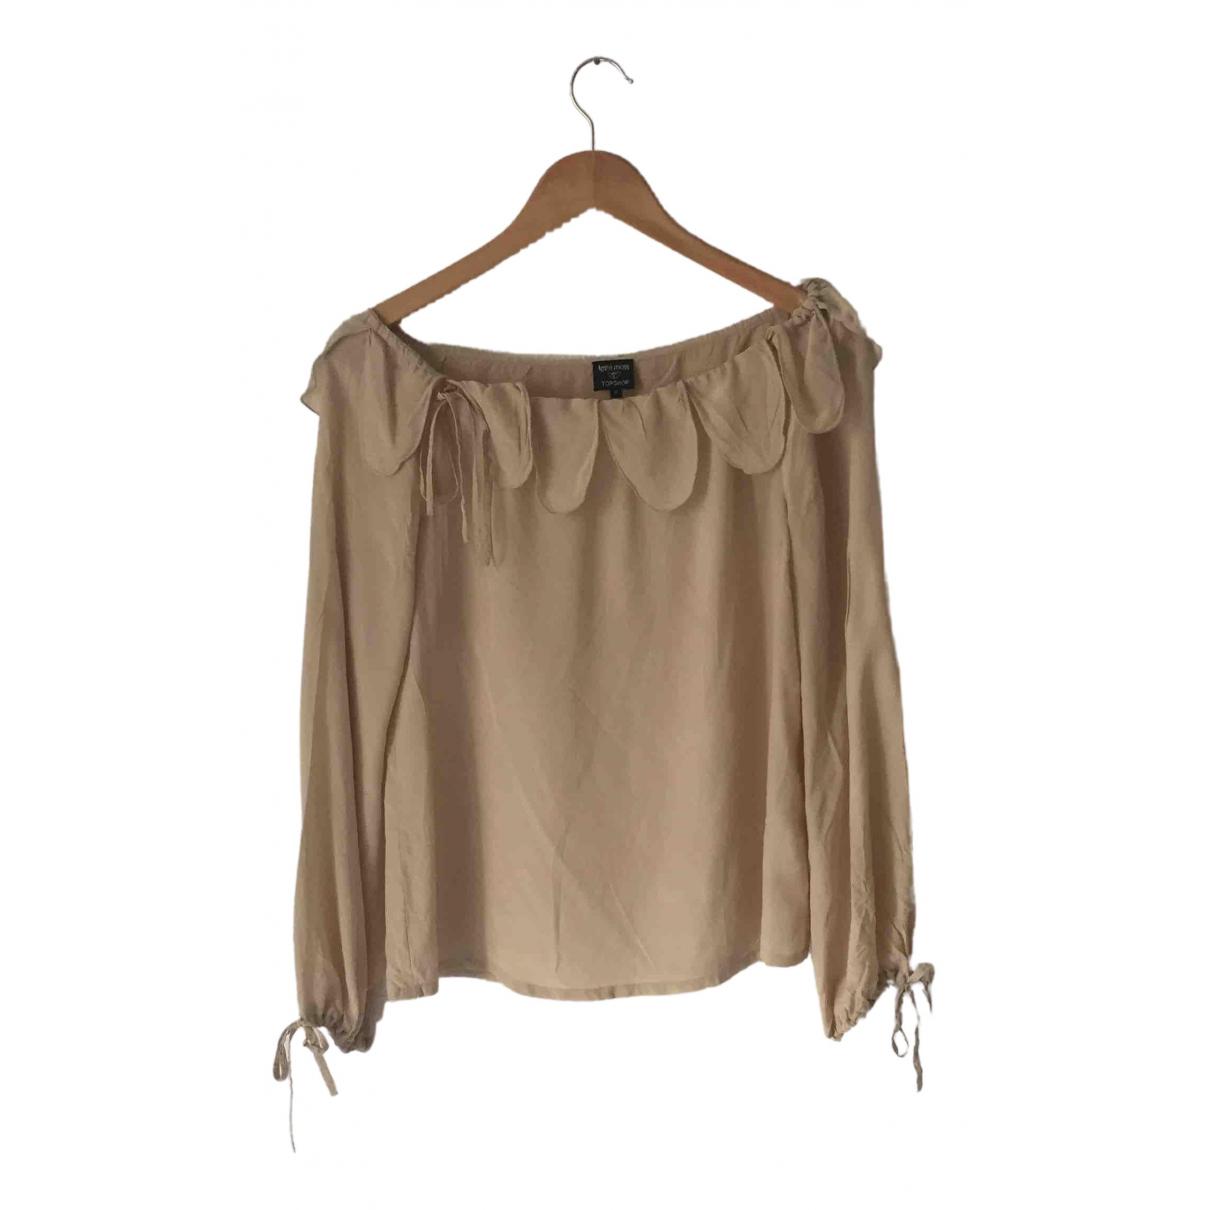 Topshop - Top   pour femme en soie - beige